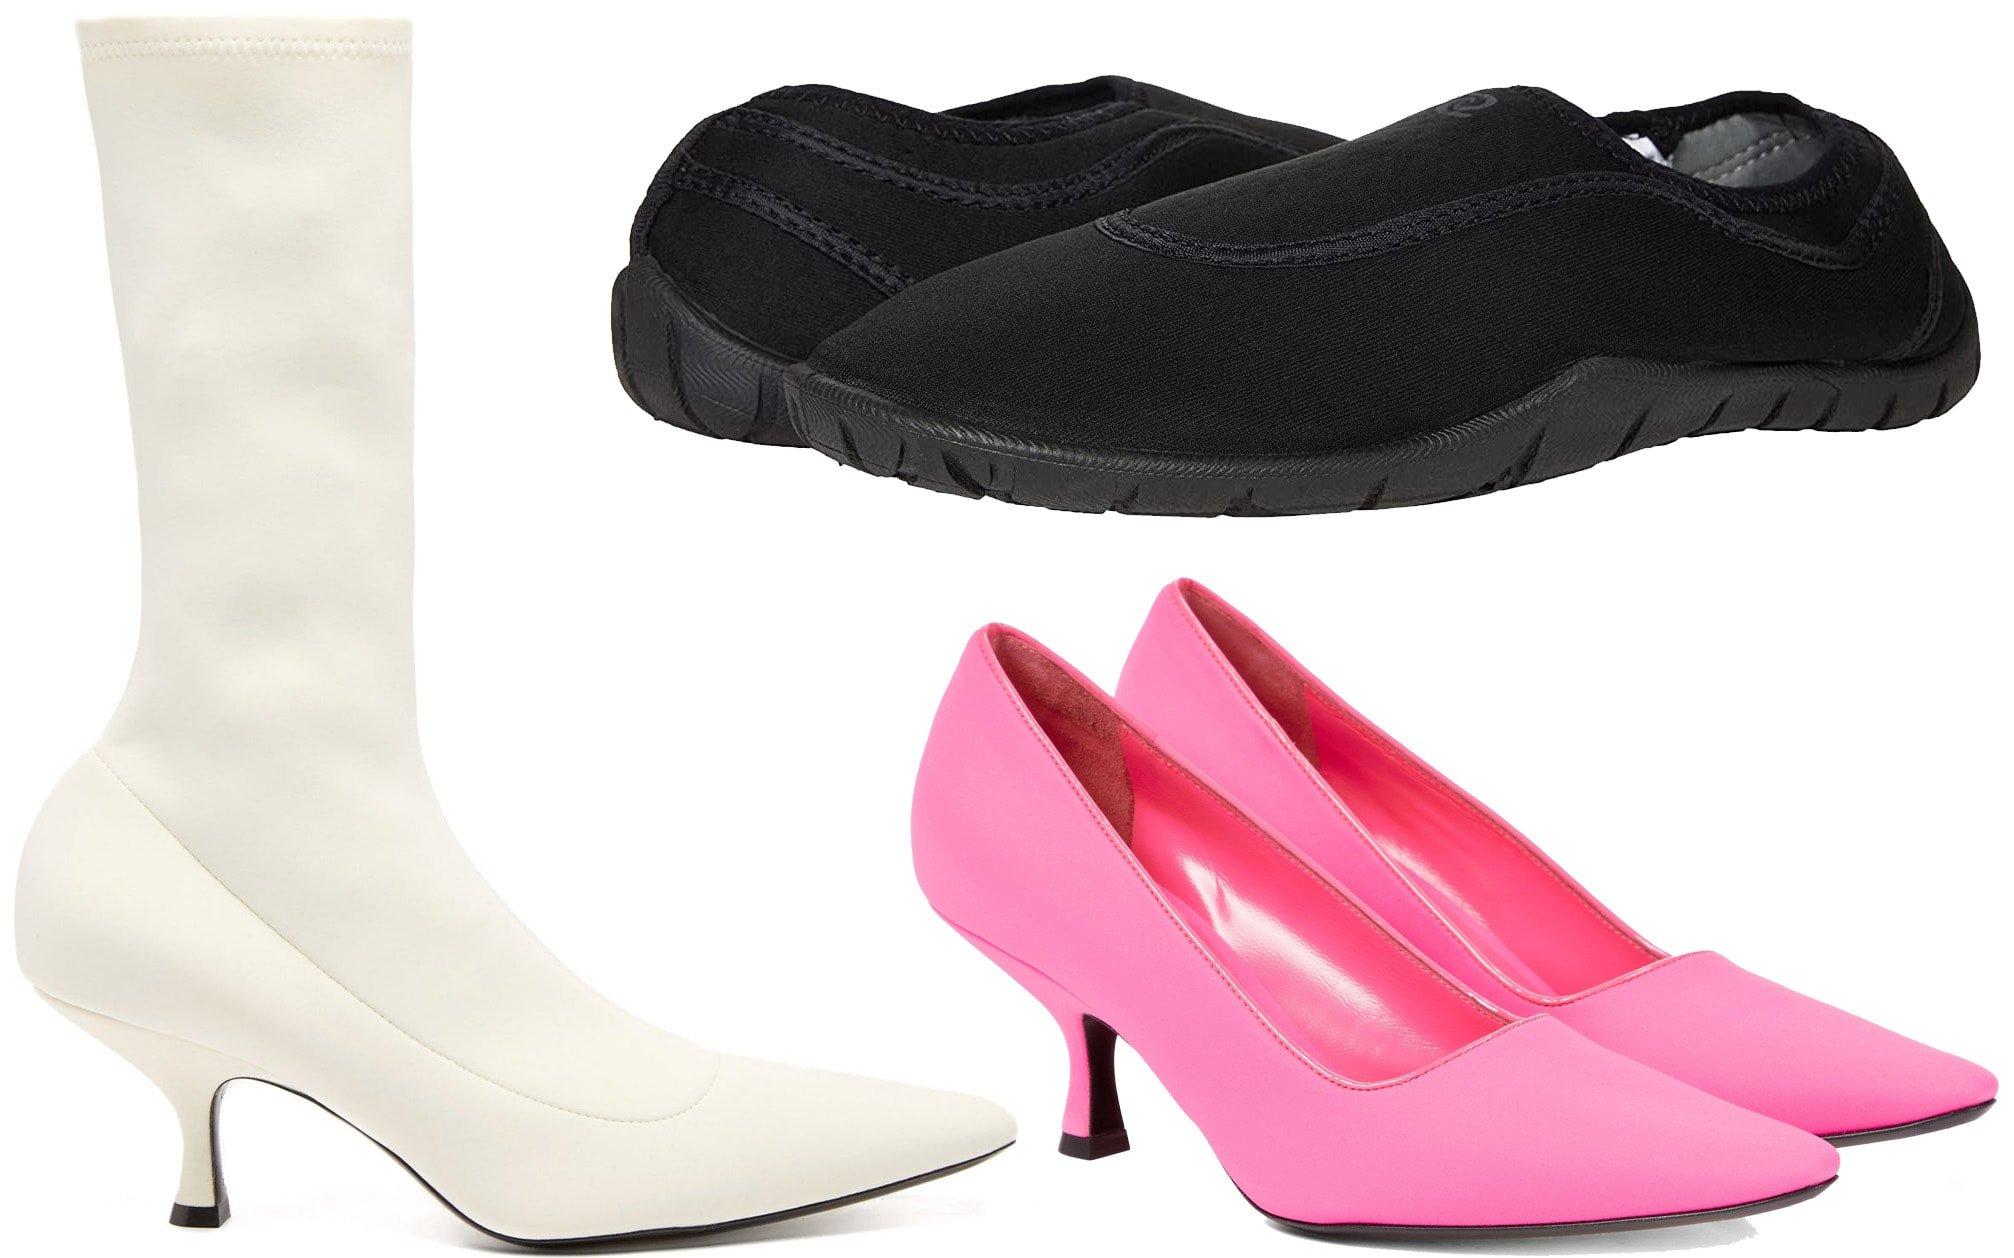 Khaite White Taylor point-toe neoprene boots, Rafters Belize slip-on, Khaite Forli neoprene pumps